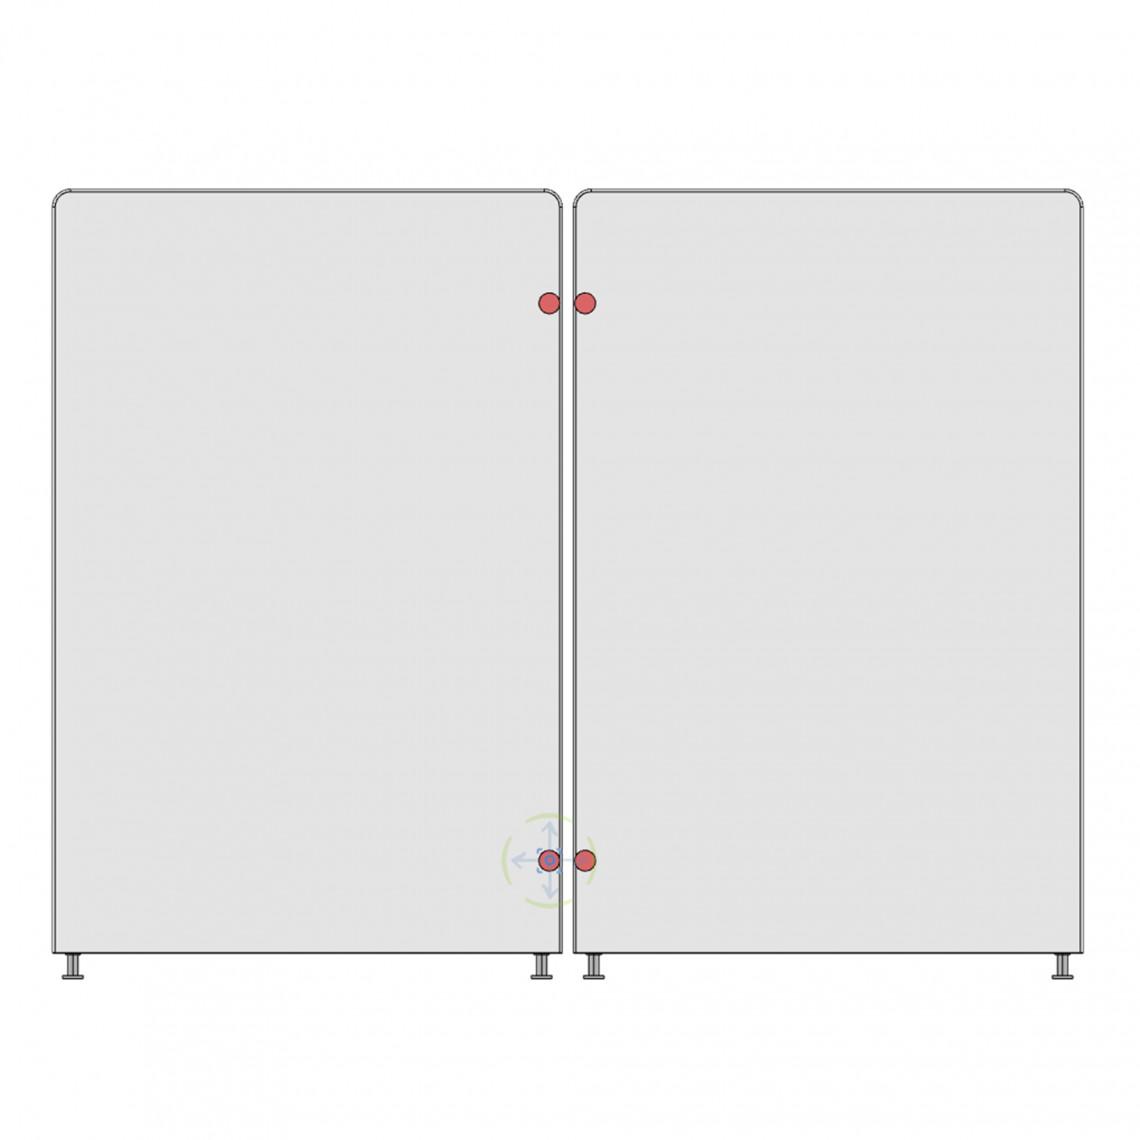 Kopplingsbeslag - till Calm golvskärm (för 2 skärmar)